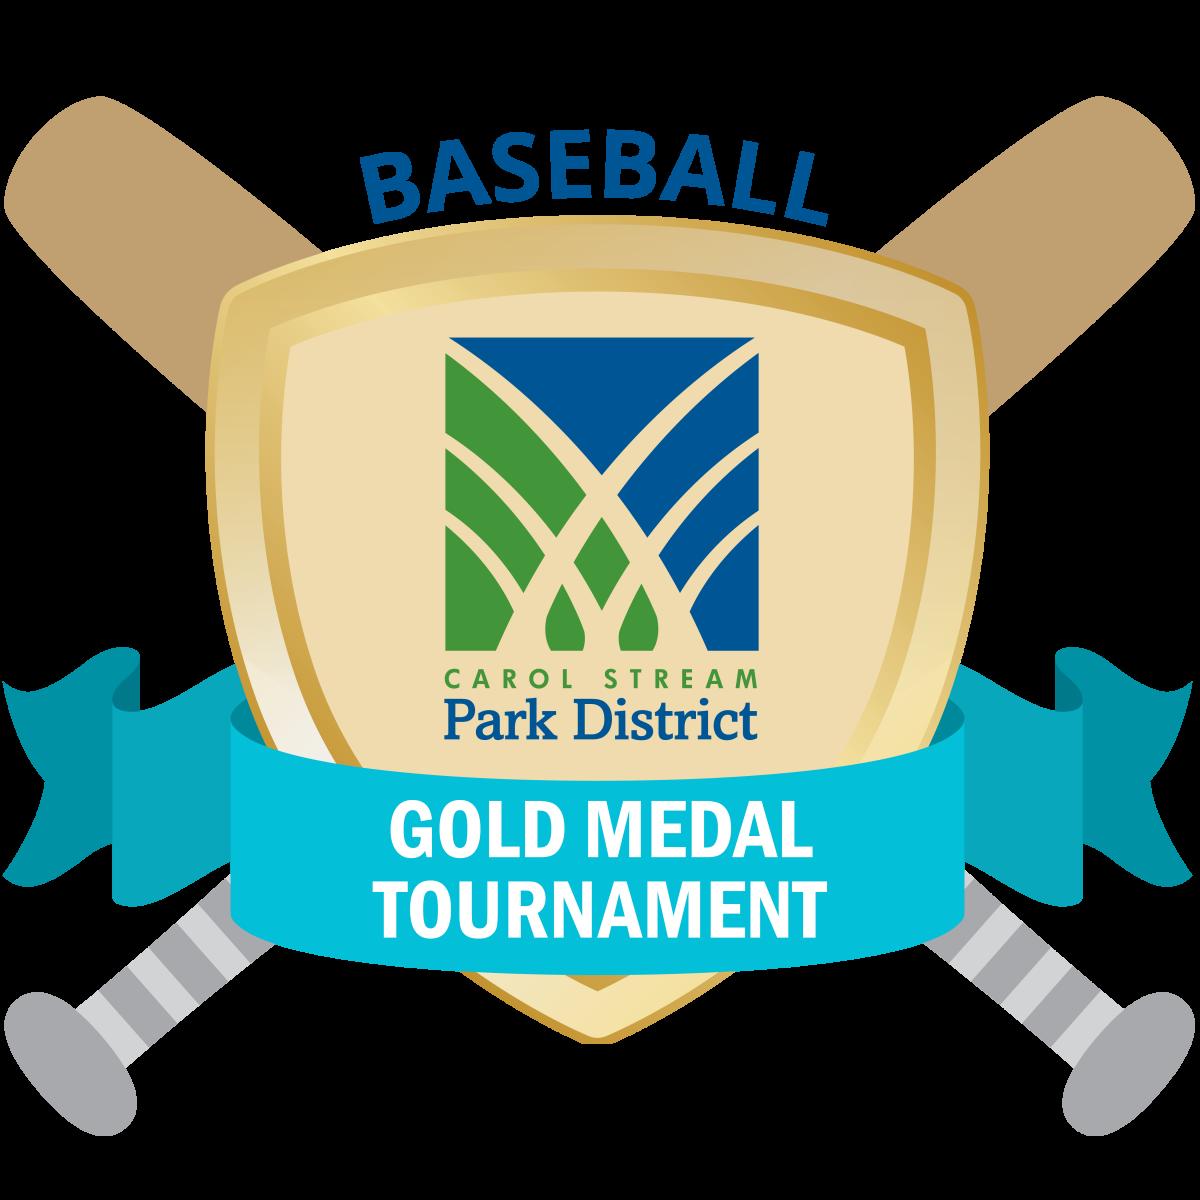 Gold Medal Baseball